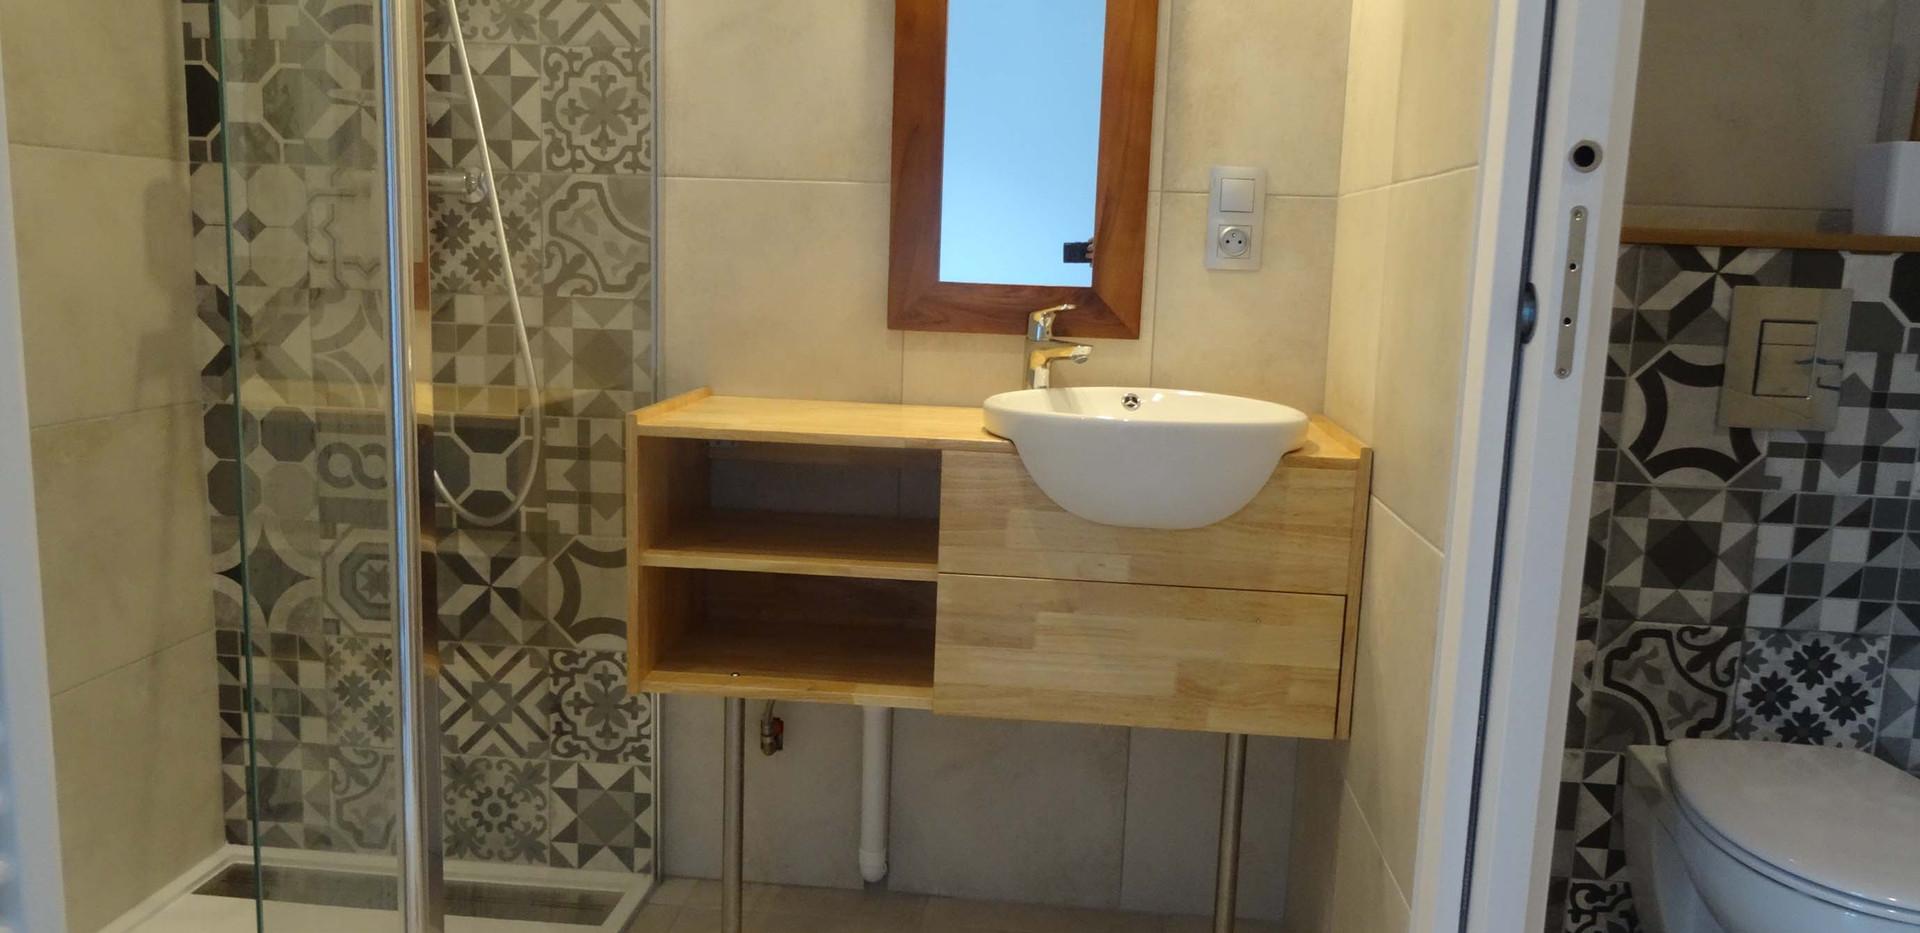 Salle de bain Chaniers